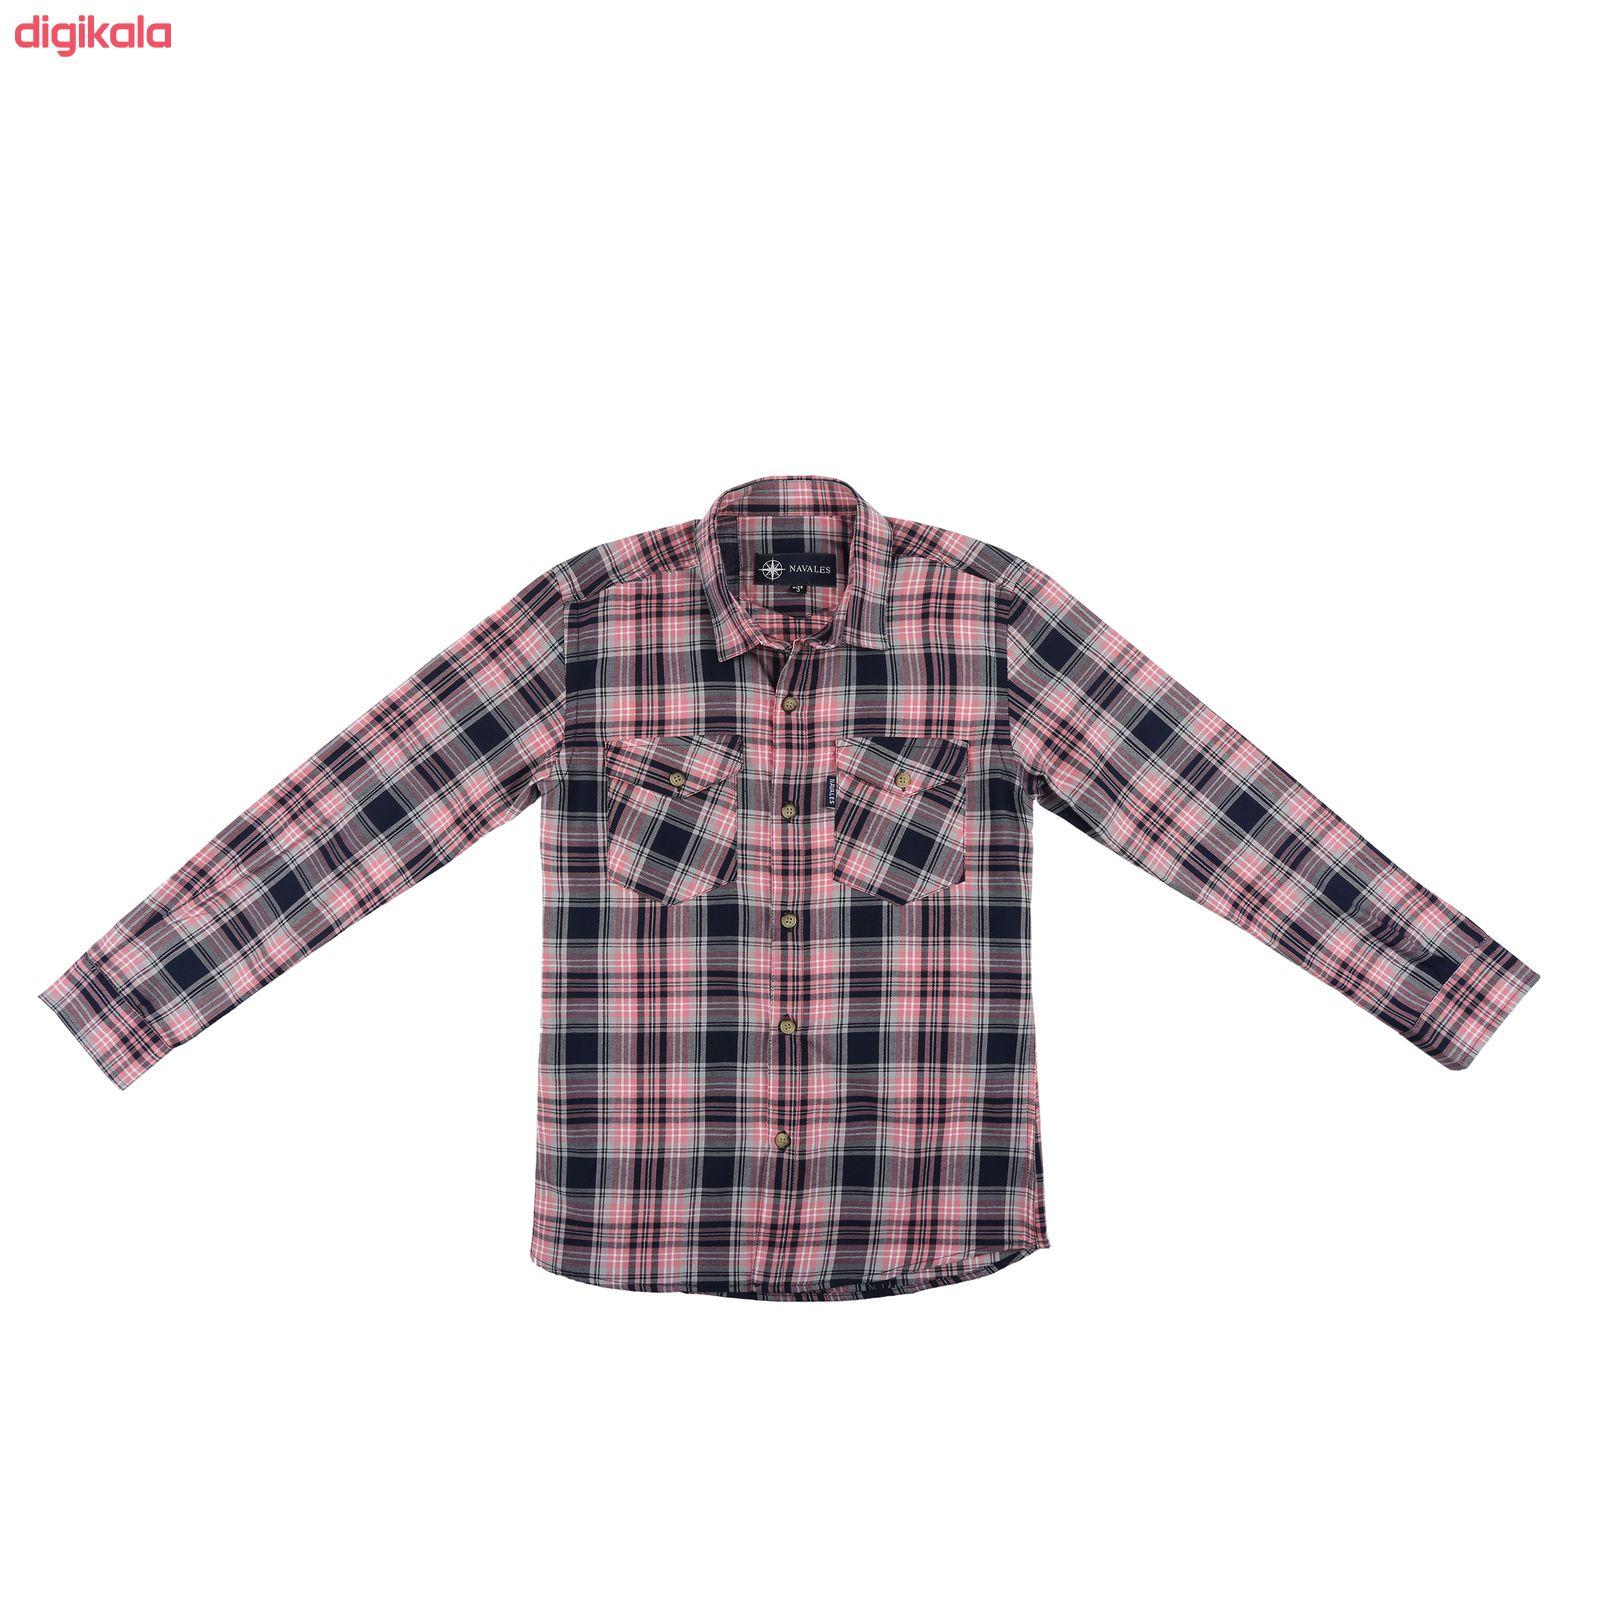 پیراهن پسرانه ناوالس کد R-20119-PK main 1 1